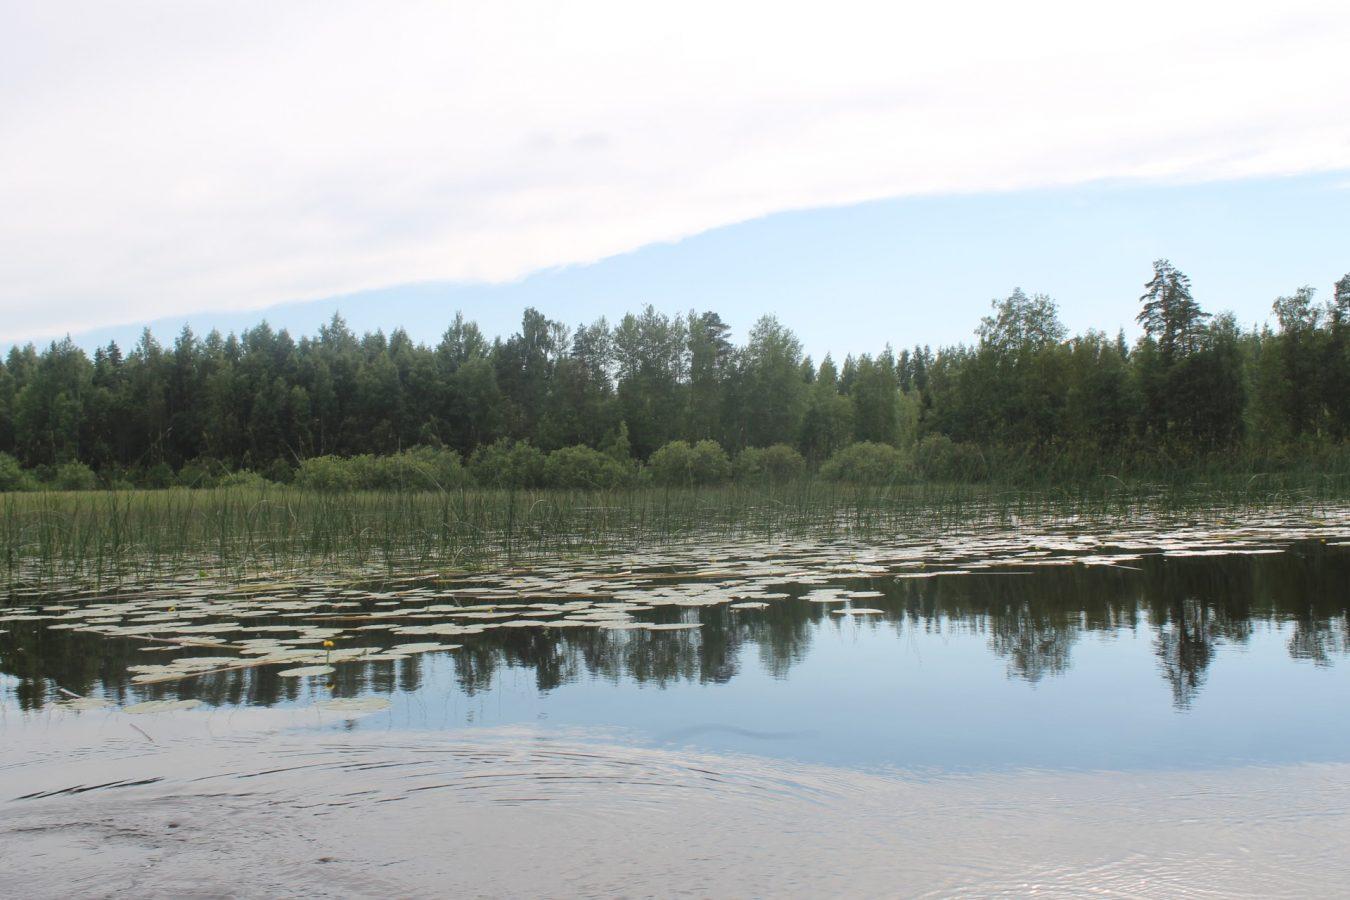 Rehevä järvi.